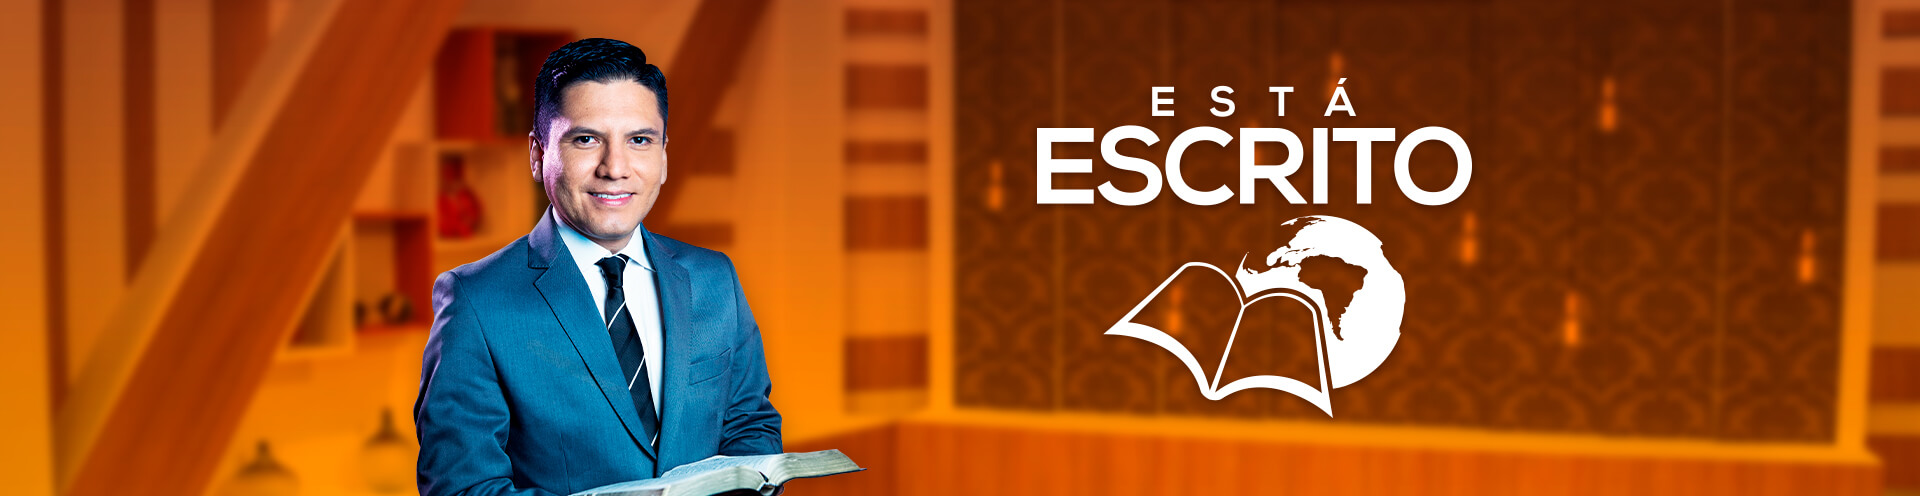 ESTÁ ESCRITO - NT Play